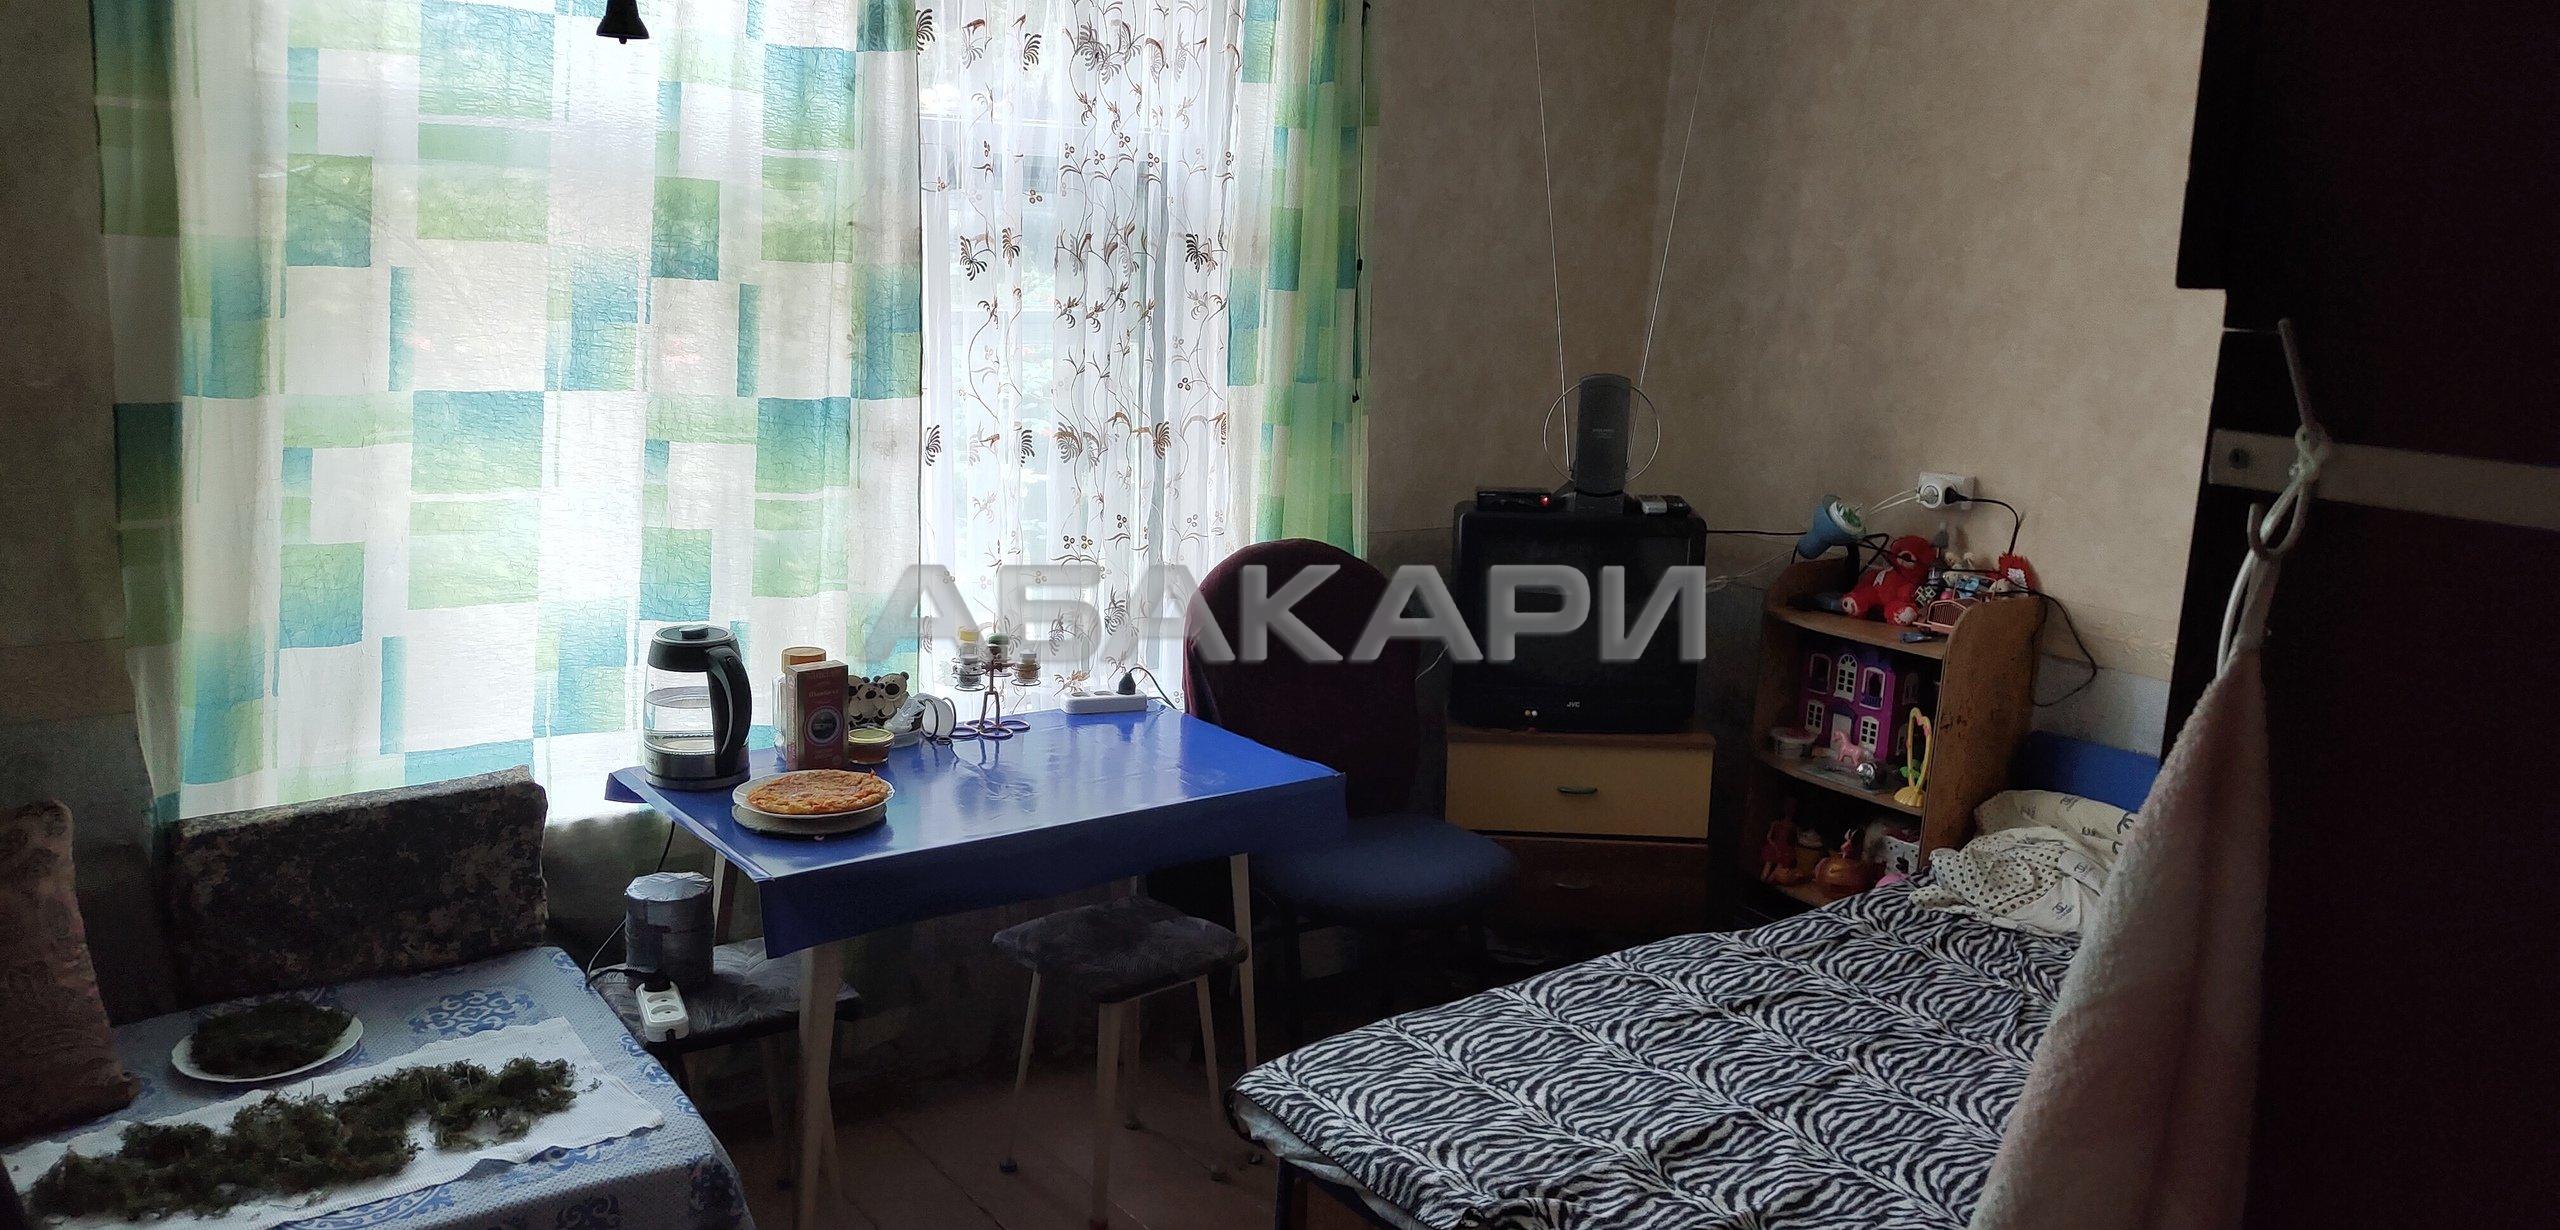 1к квартира ул Академика Вавилова, д 34   7000   аренда в Красноярске фото 1